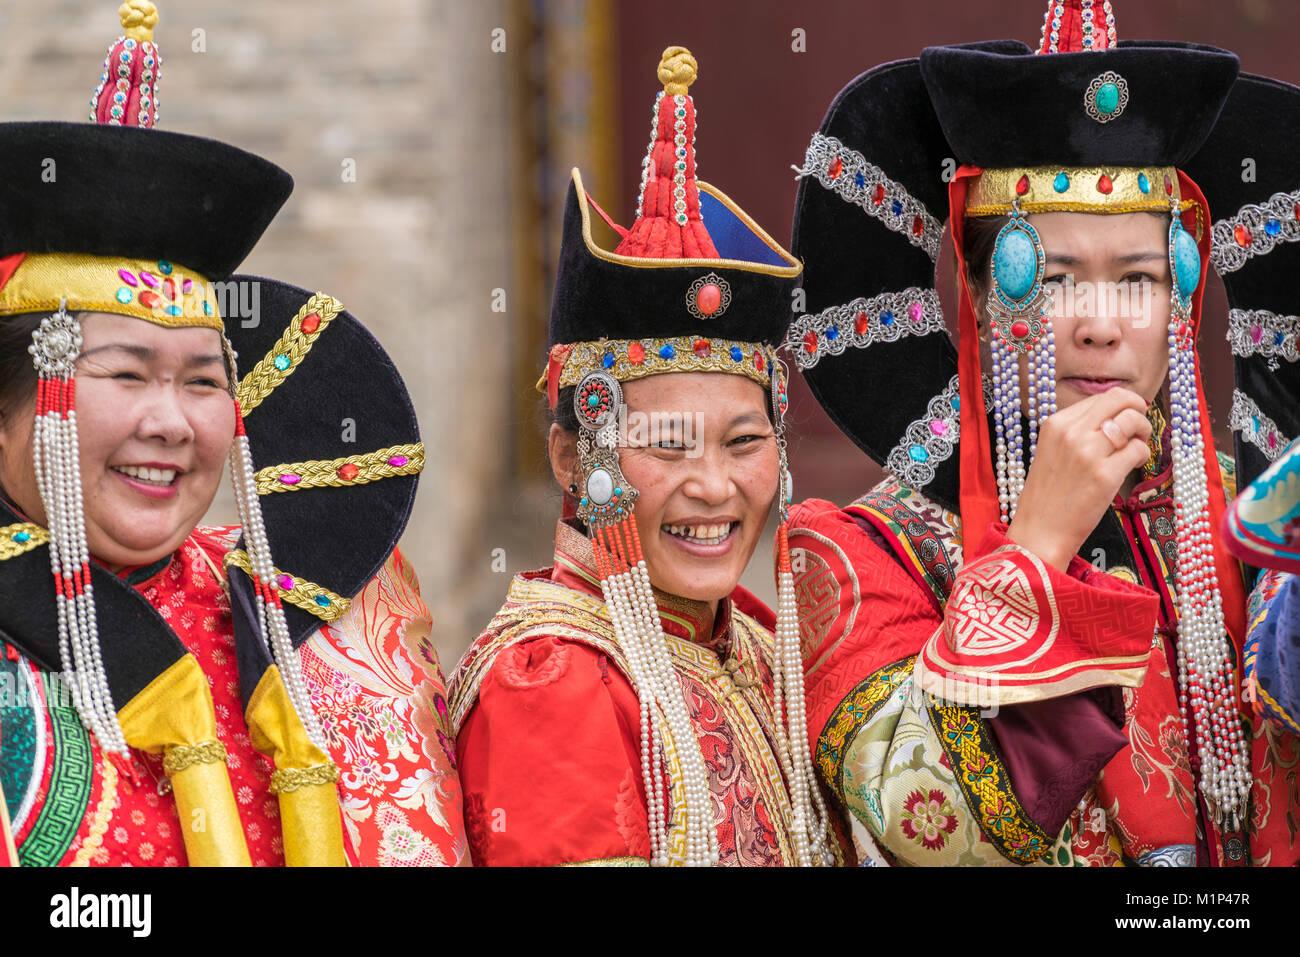 Trois femmes portant des costumes, Harhorin mongole traditionnelle du Sud, province Hangay, Mongolie, Asie centrale, Photo Stock